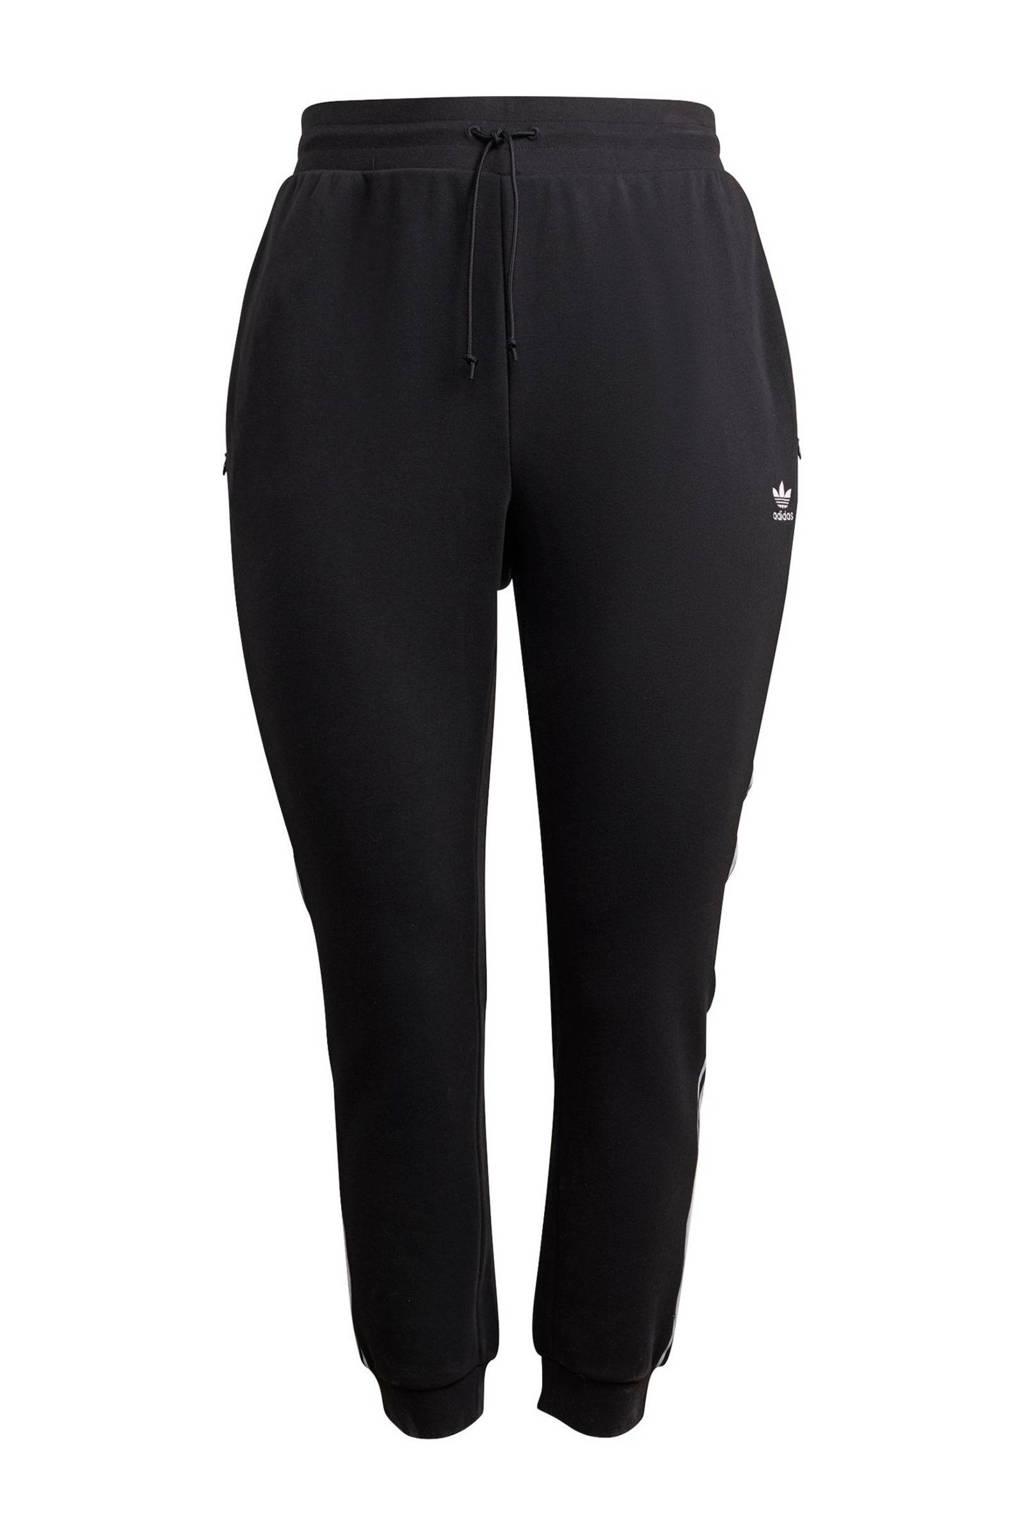 adidas Originals Adicolor Plus Size joggingbroek zwart/wit, Zwart/wit